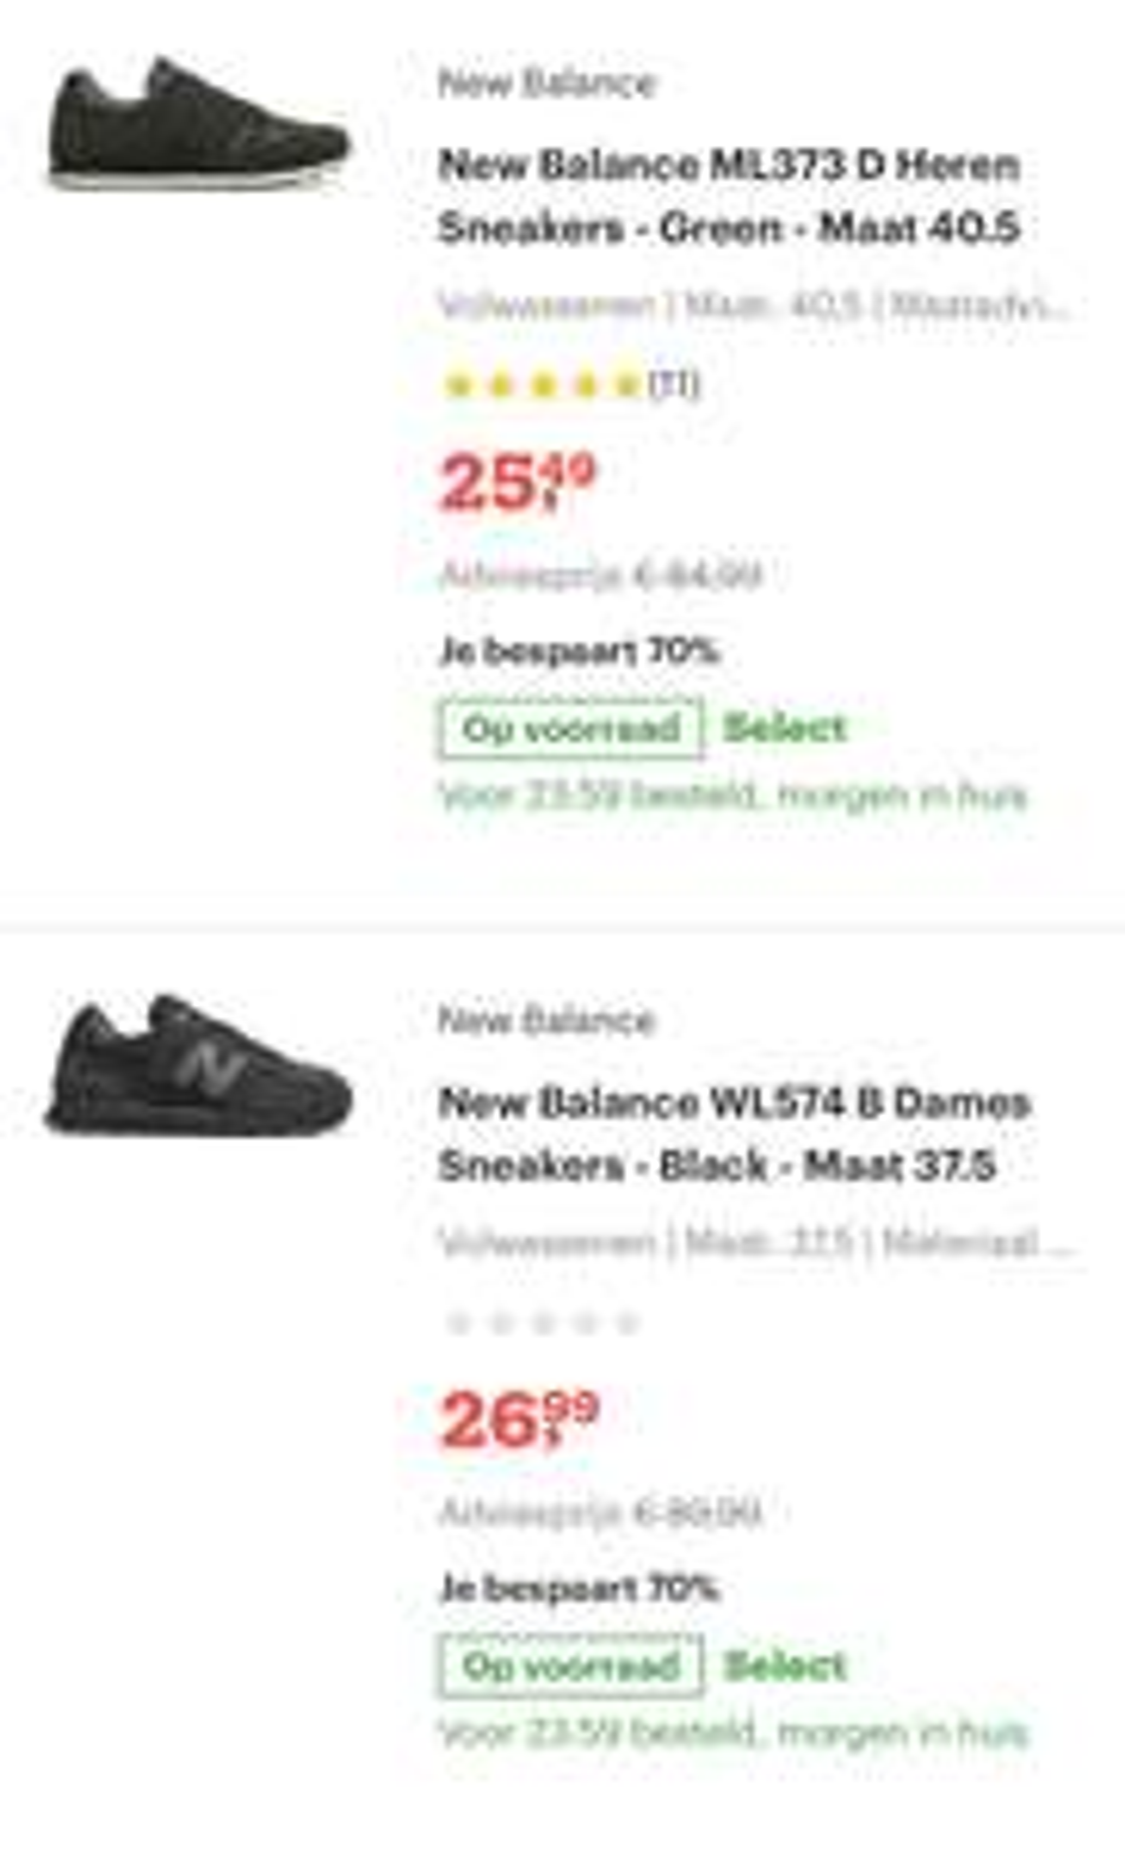 New balance dames en heren sneakers vanaf €25 @ Bol.com